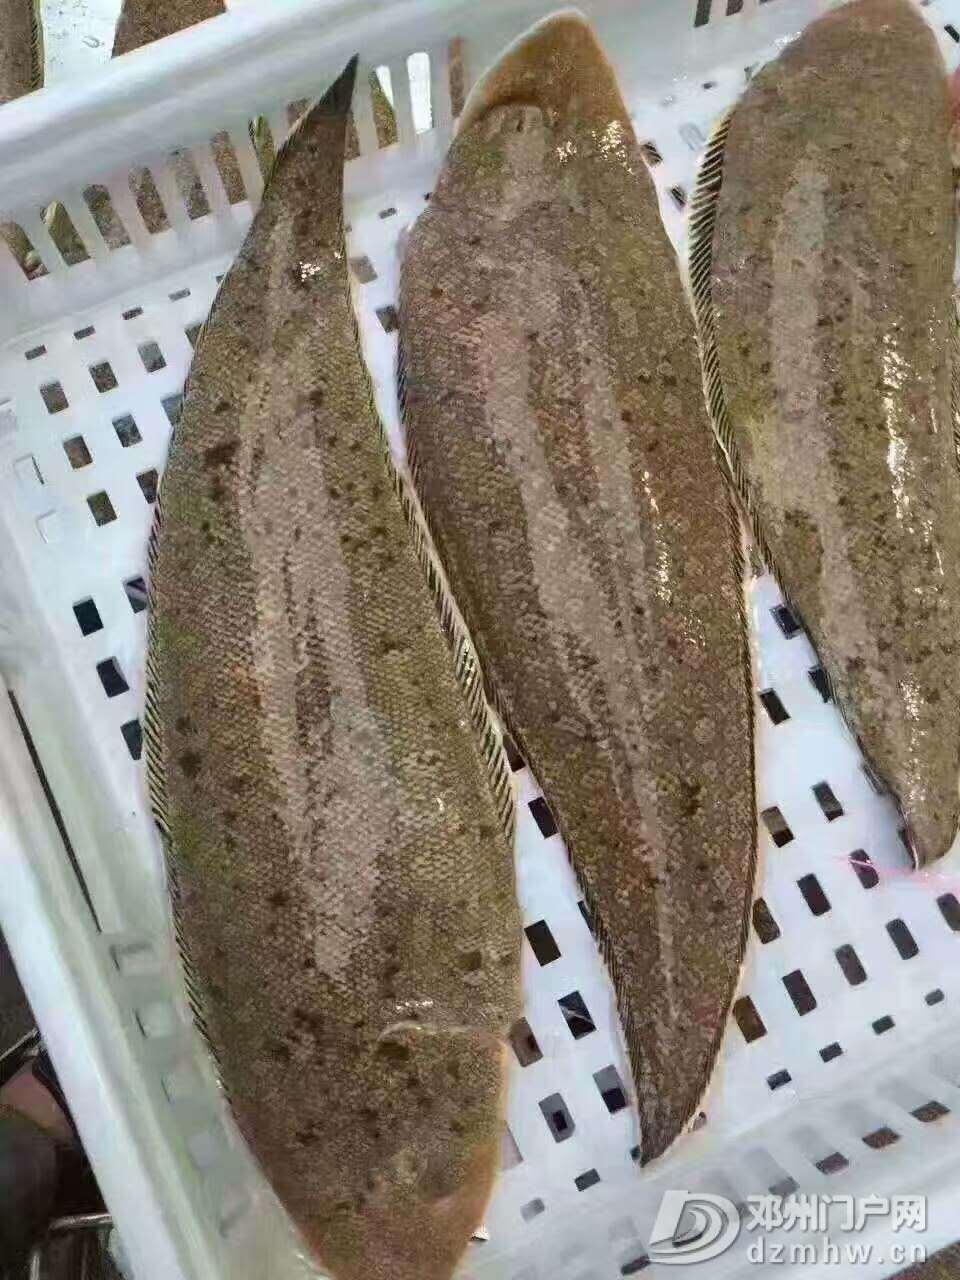 出售野生海鲜,各种天然鱼虾蟹都有 - 邓州门户网|邓州网 - 微信图片_20170618223924.jpg